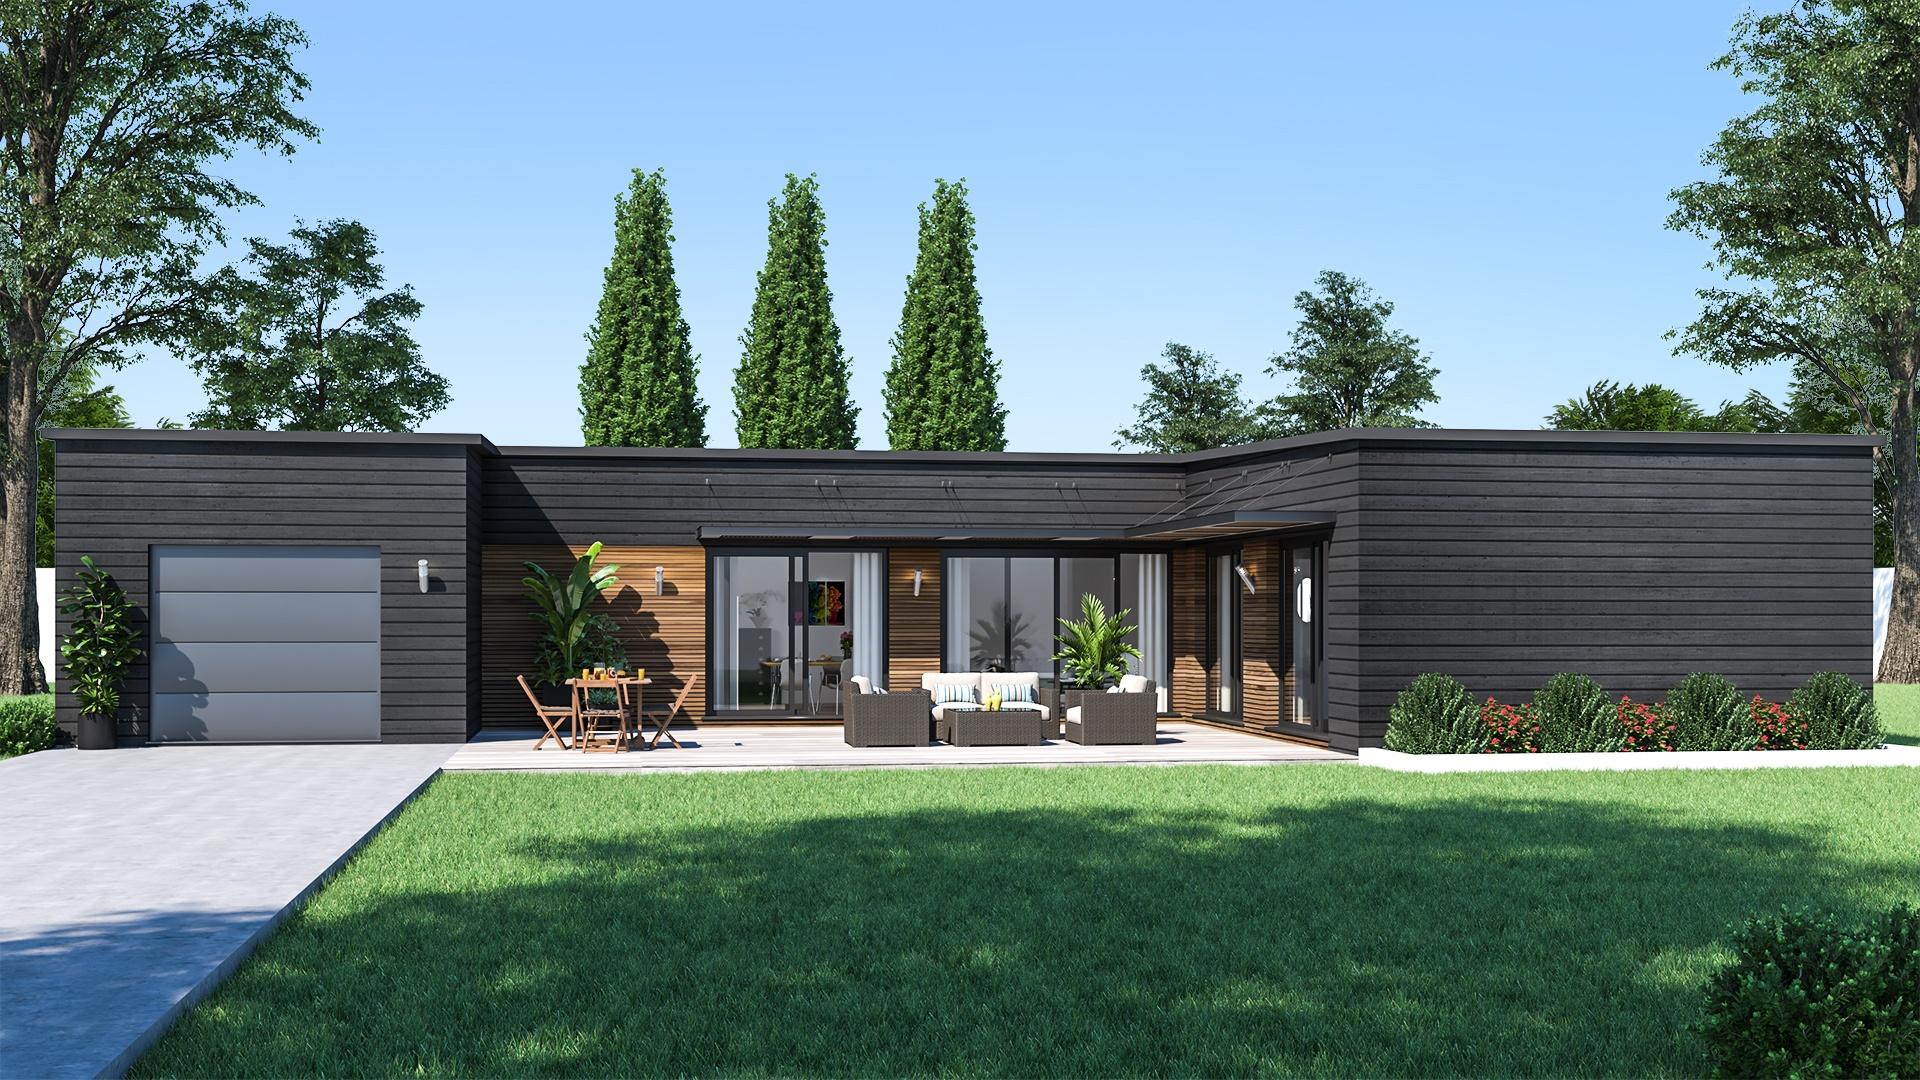 Maison design de plain-pied| Maison de style Contemporain - Maisons de l'Avenir